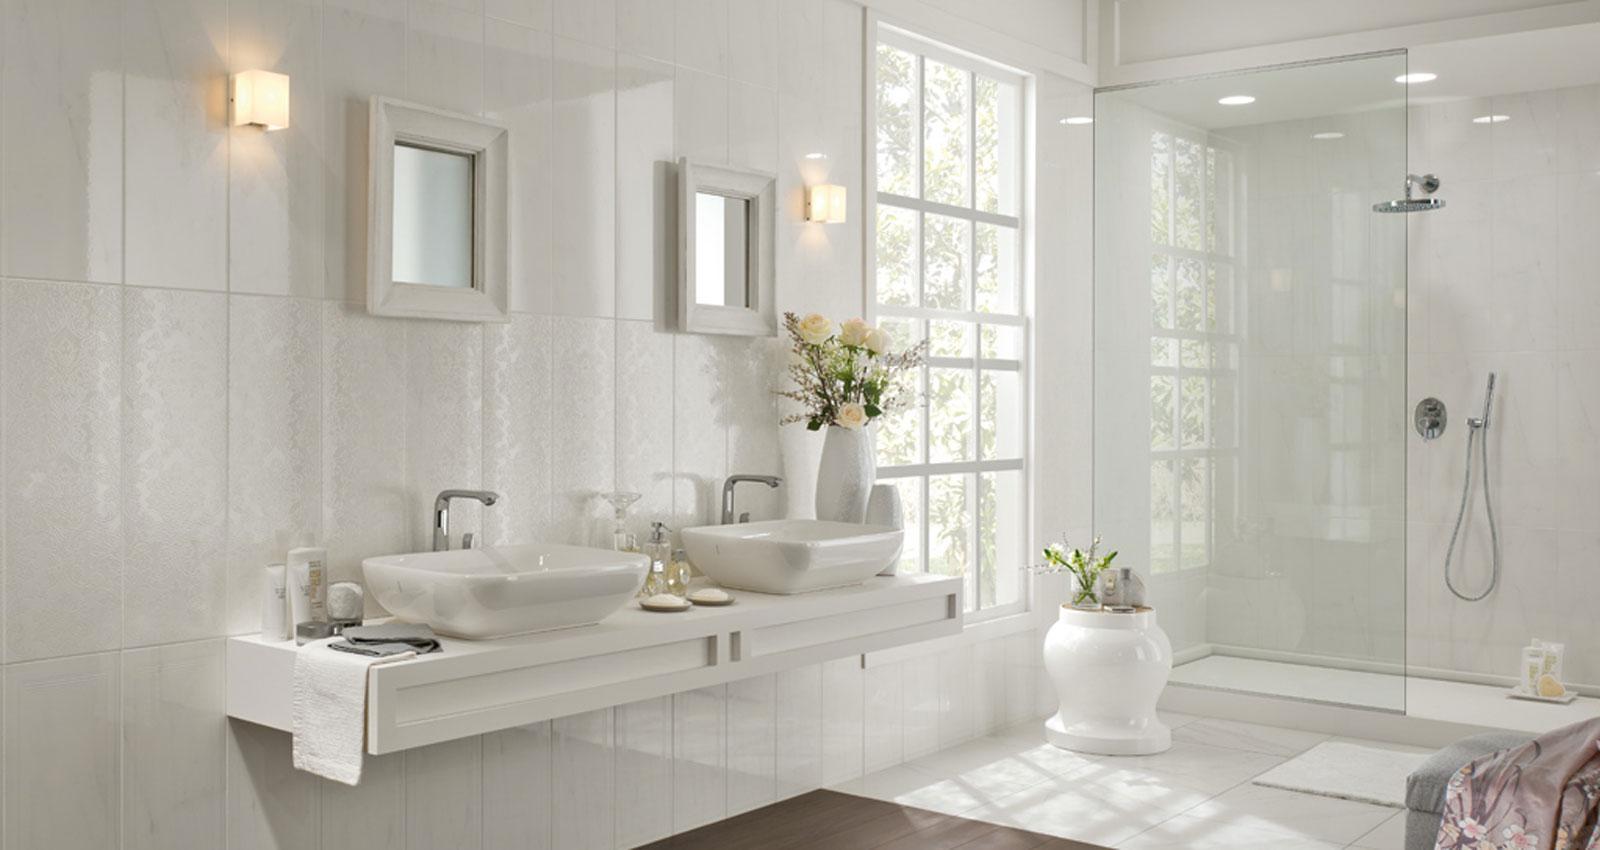 Flor Tiles For Kitchen